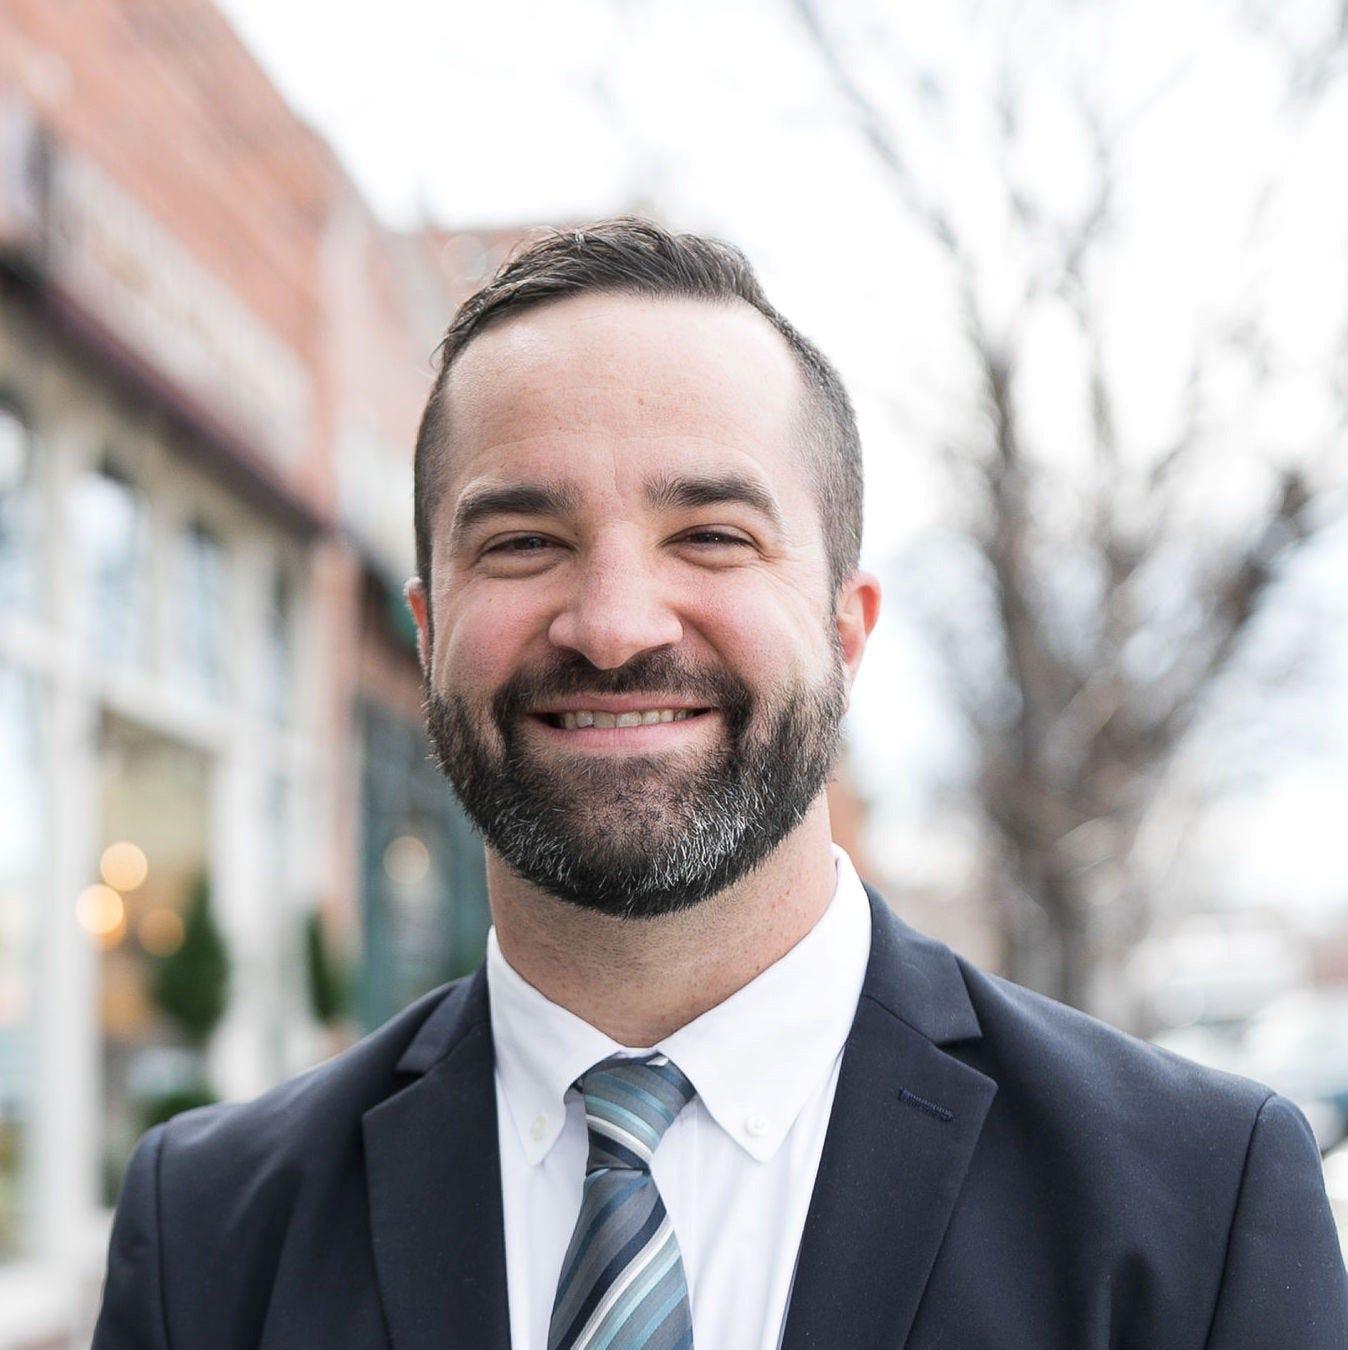 Noah Hutchison announces run for Fort Collins City Council